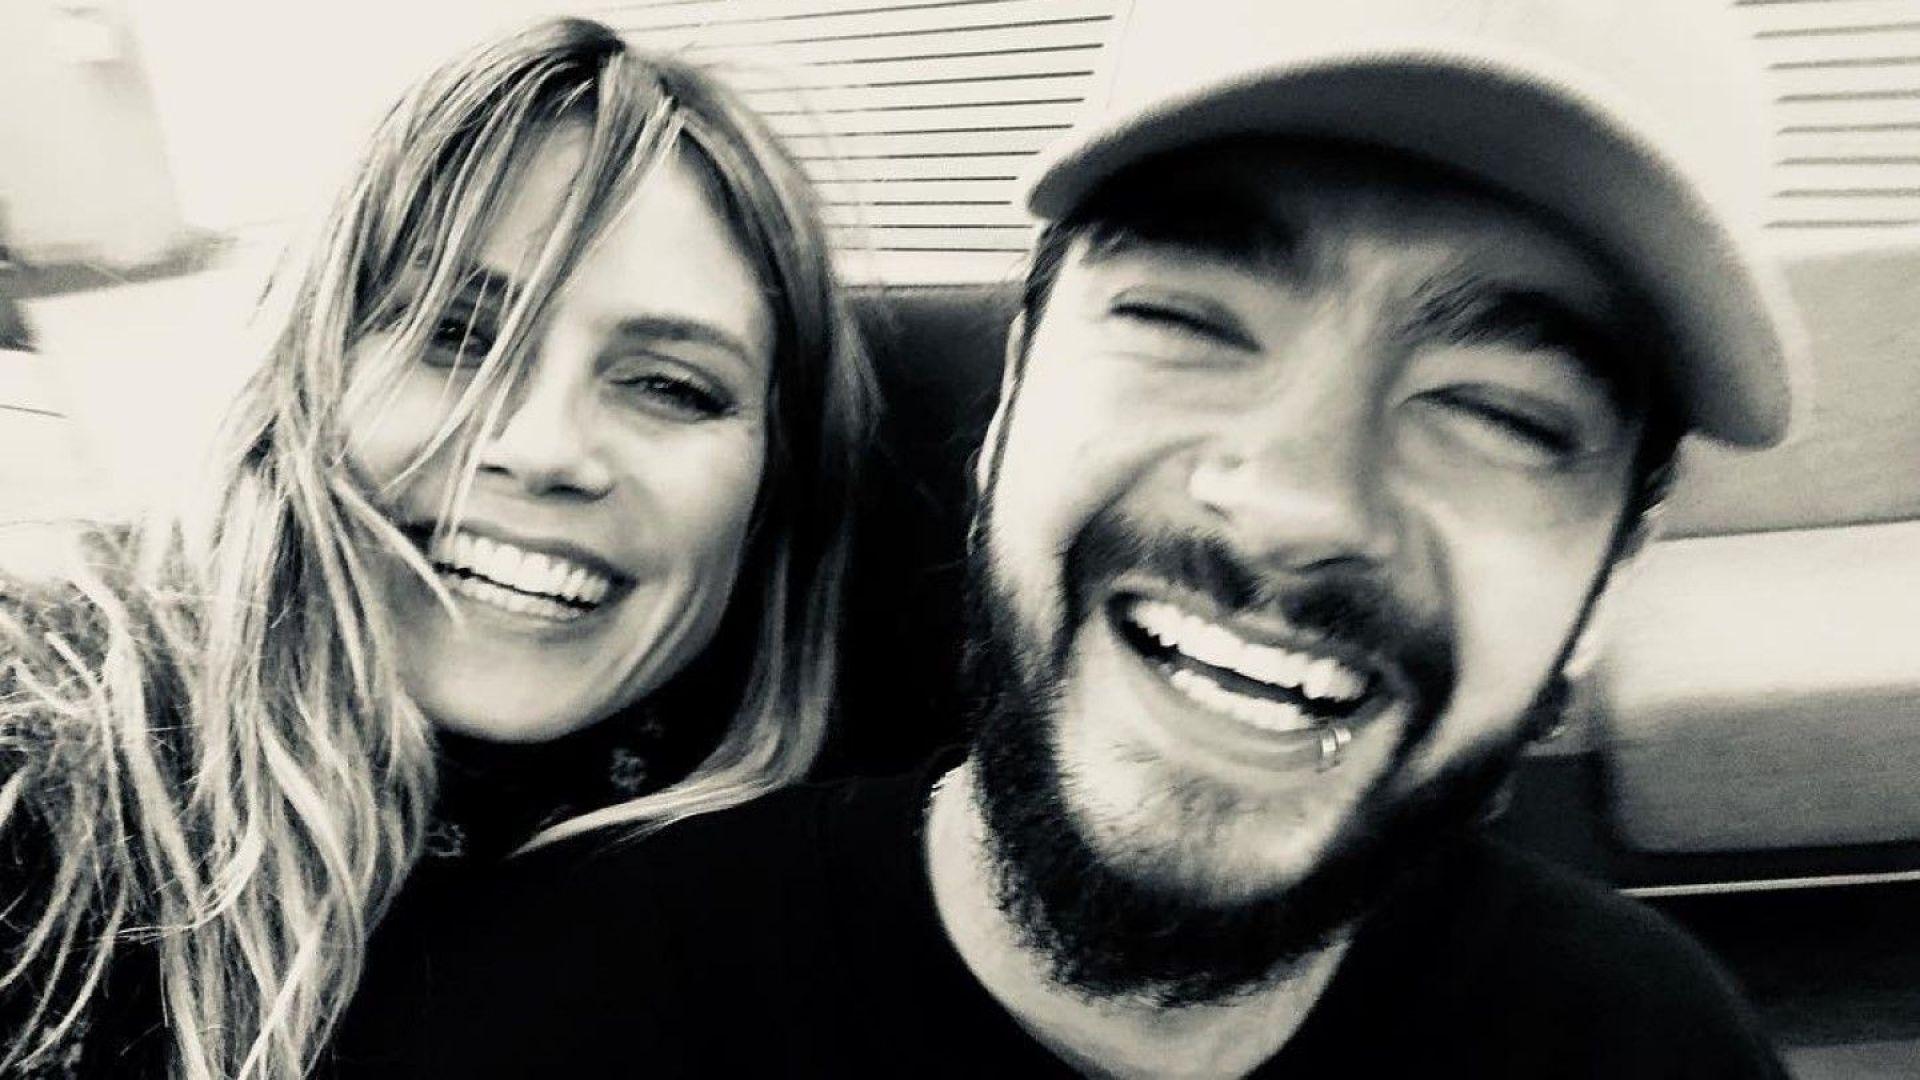 Хайди Клум (45) и Том Каулиц (29) се сгодиха